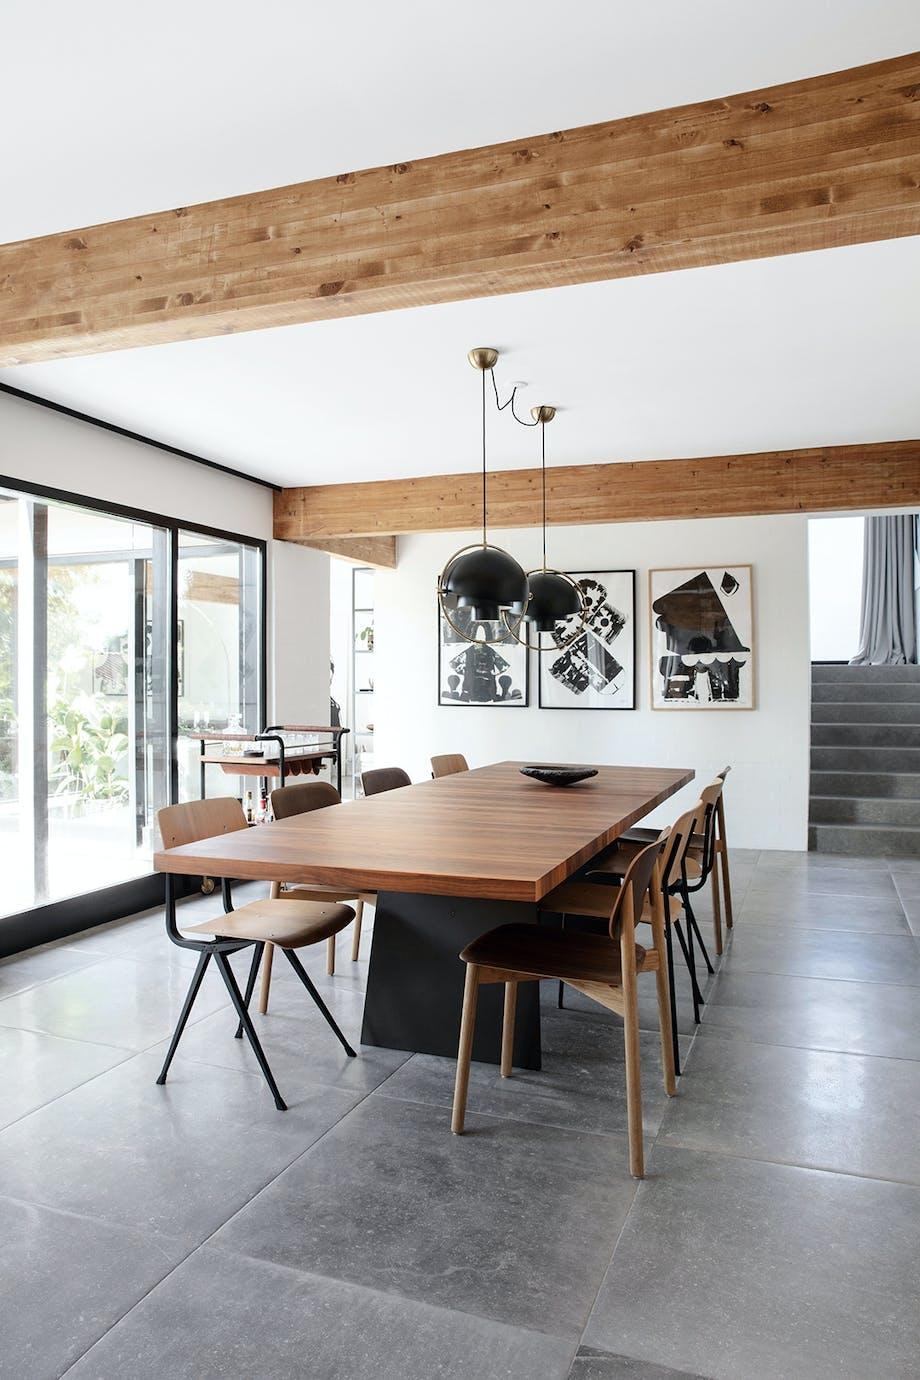 Spisestue spisebord spisebordsstol HAY Lamper fra Gubi Udtræksbord